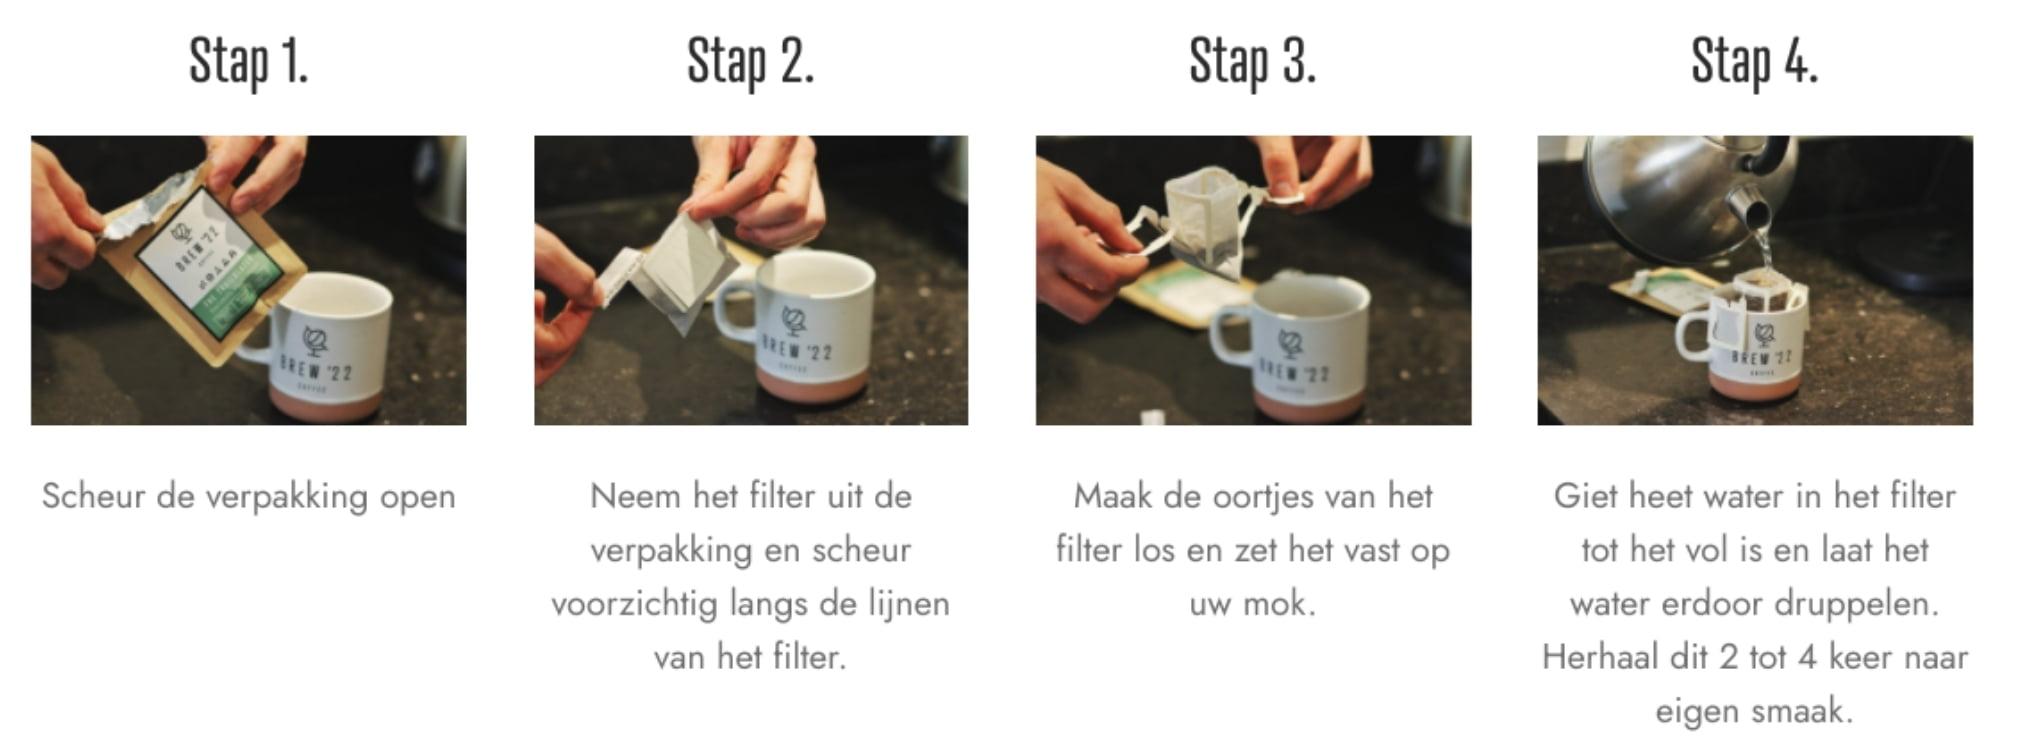 Hoe maakt je de koffie?